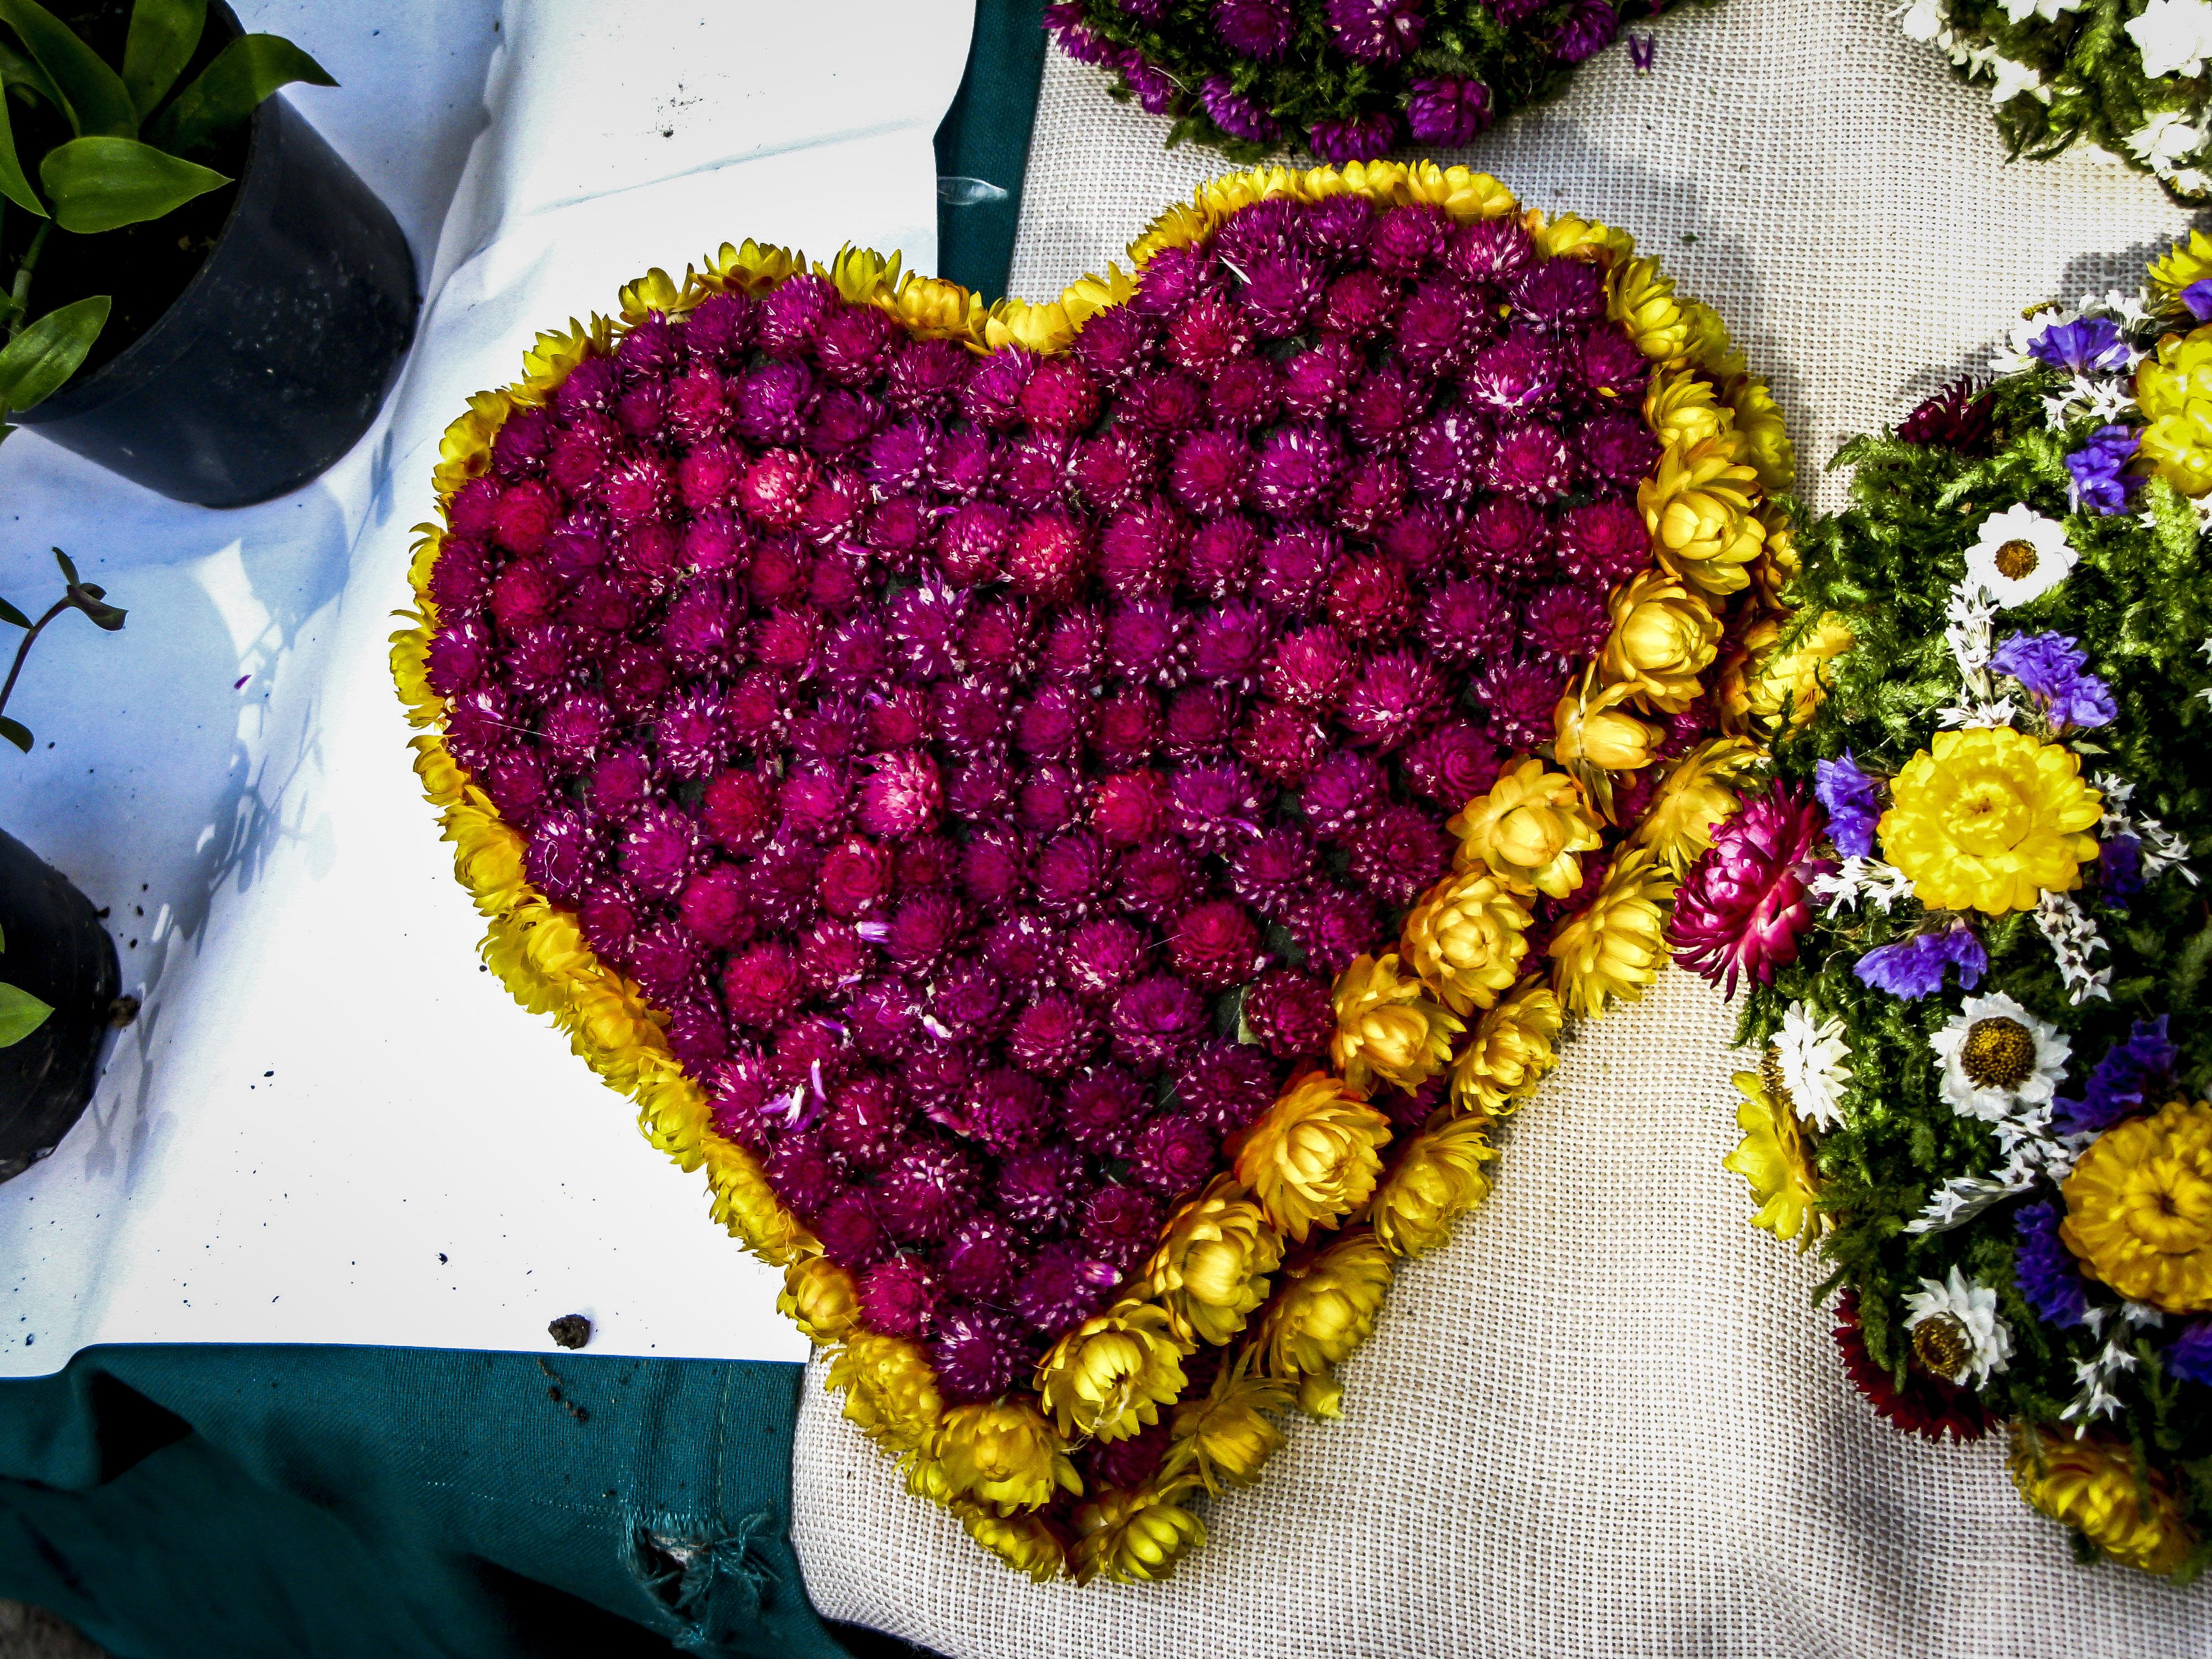 Composizioni floreali a Lubiana